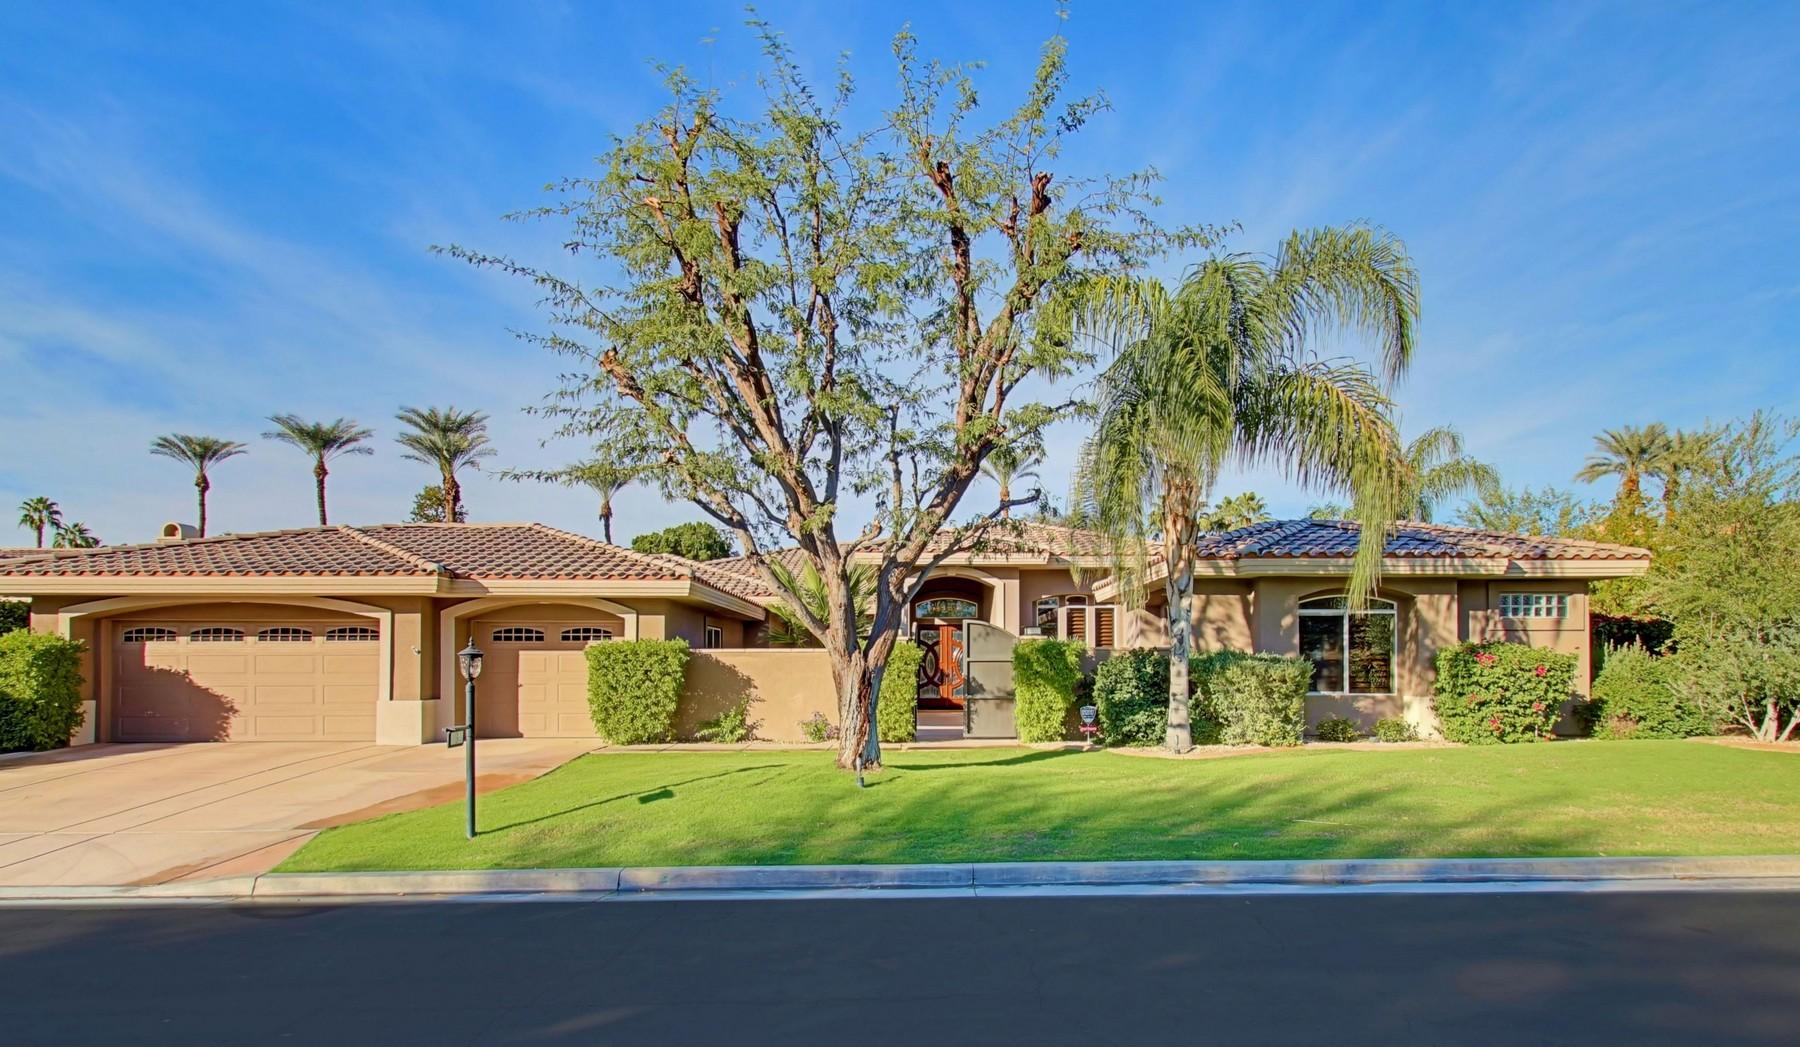 단독 가정 주택 용 매매 에 3 Varsity Circle Rancho Mirage, 캘리포니아, 92270 미국